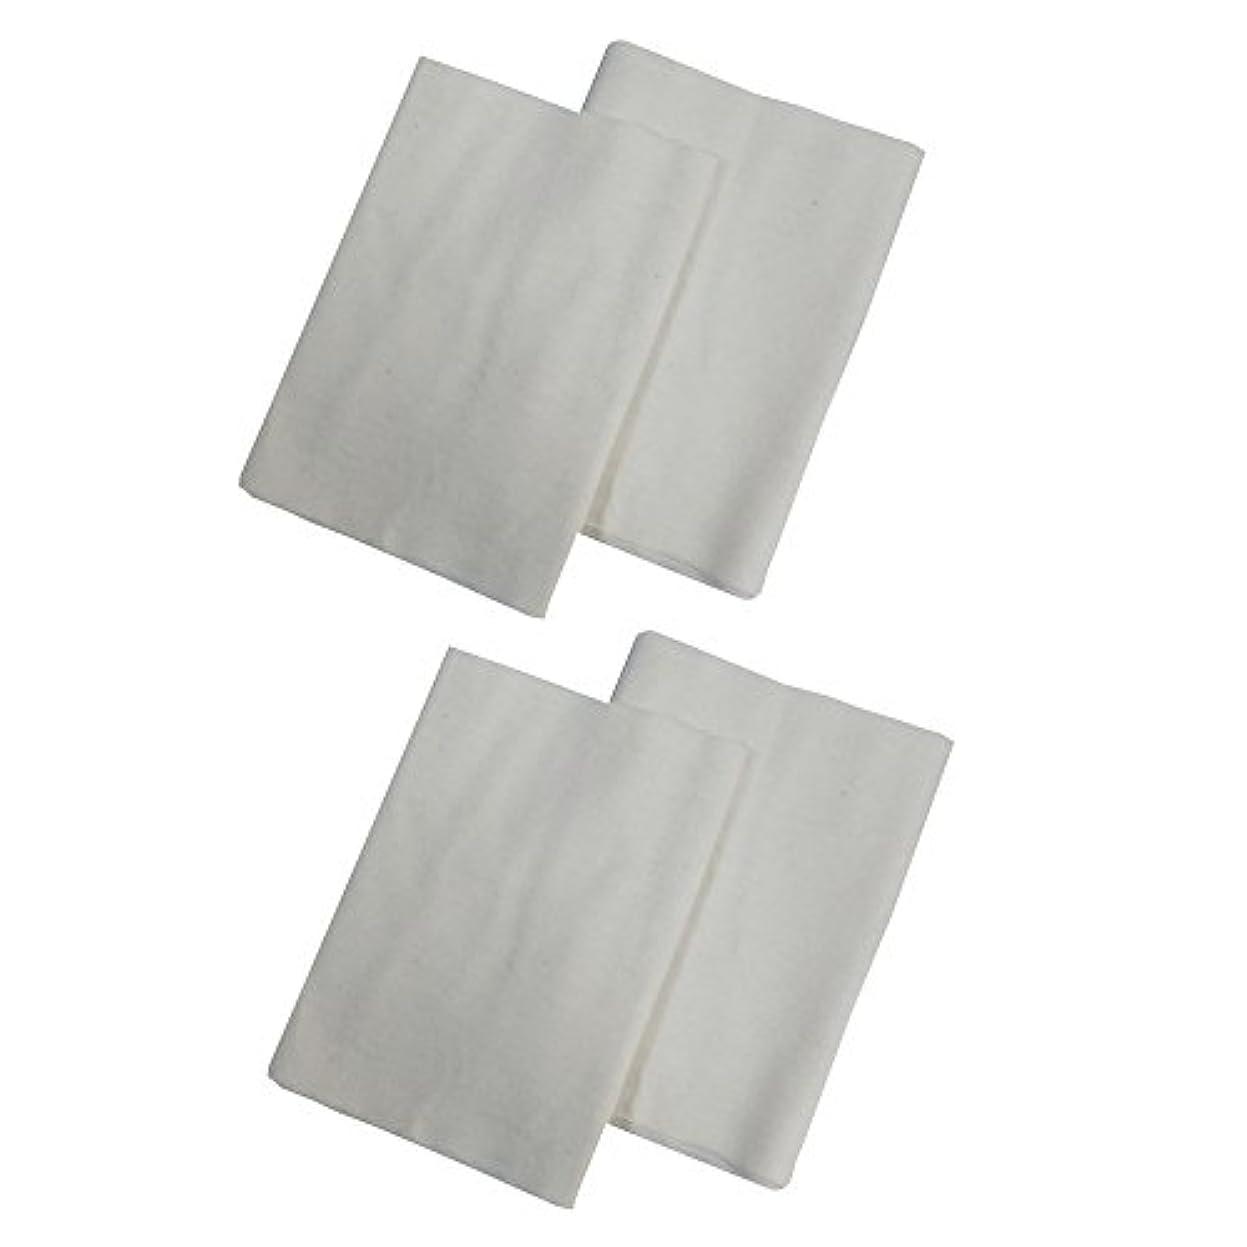 髄パンチ接続コットンフランネル4枚組(ヒマシ油用) 無添加 無漂白 平織 両面起毛フランネル生成